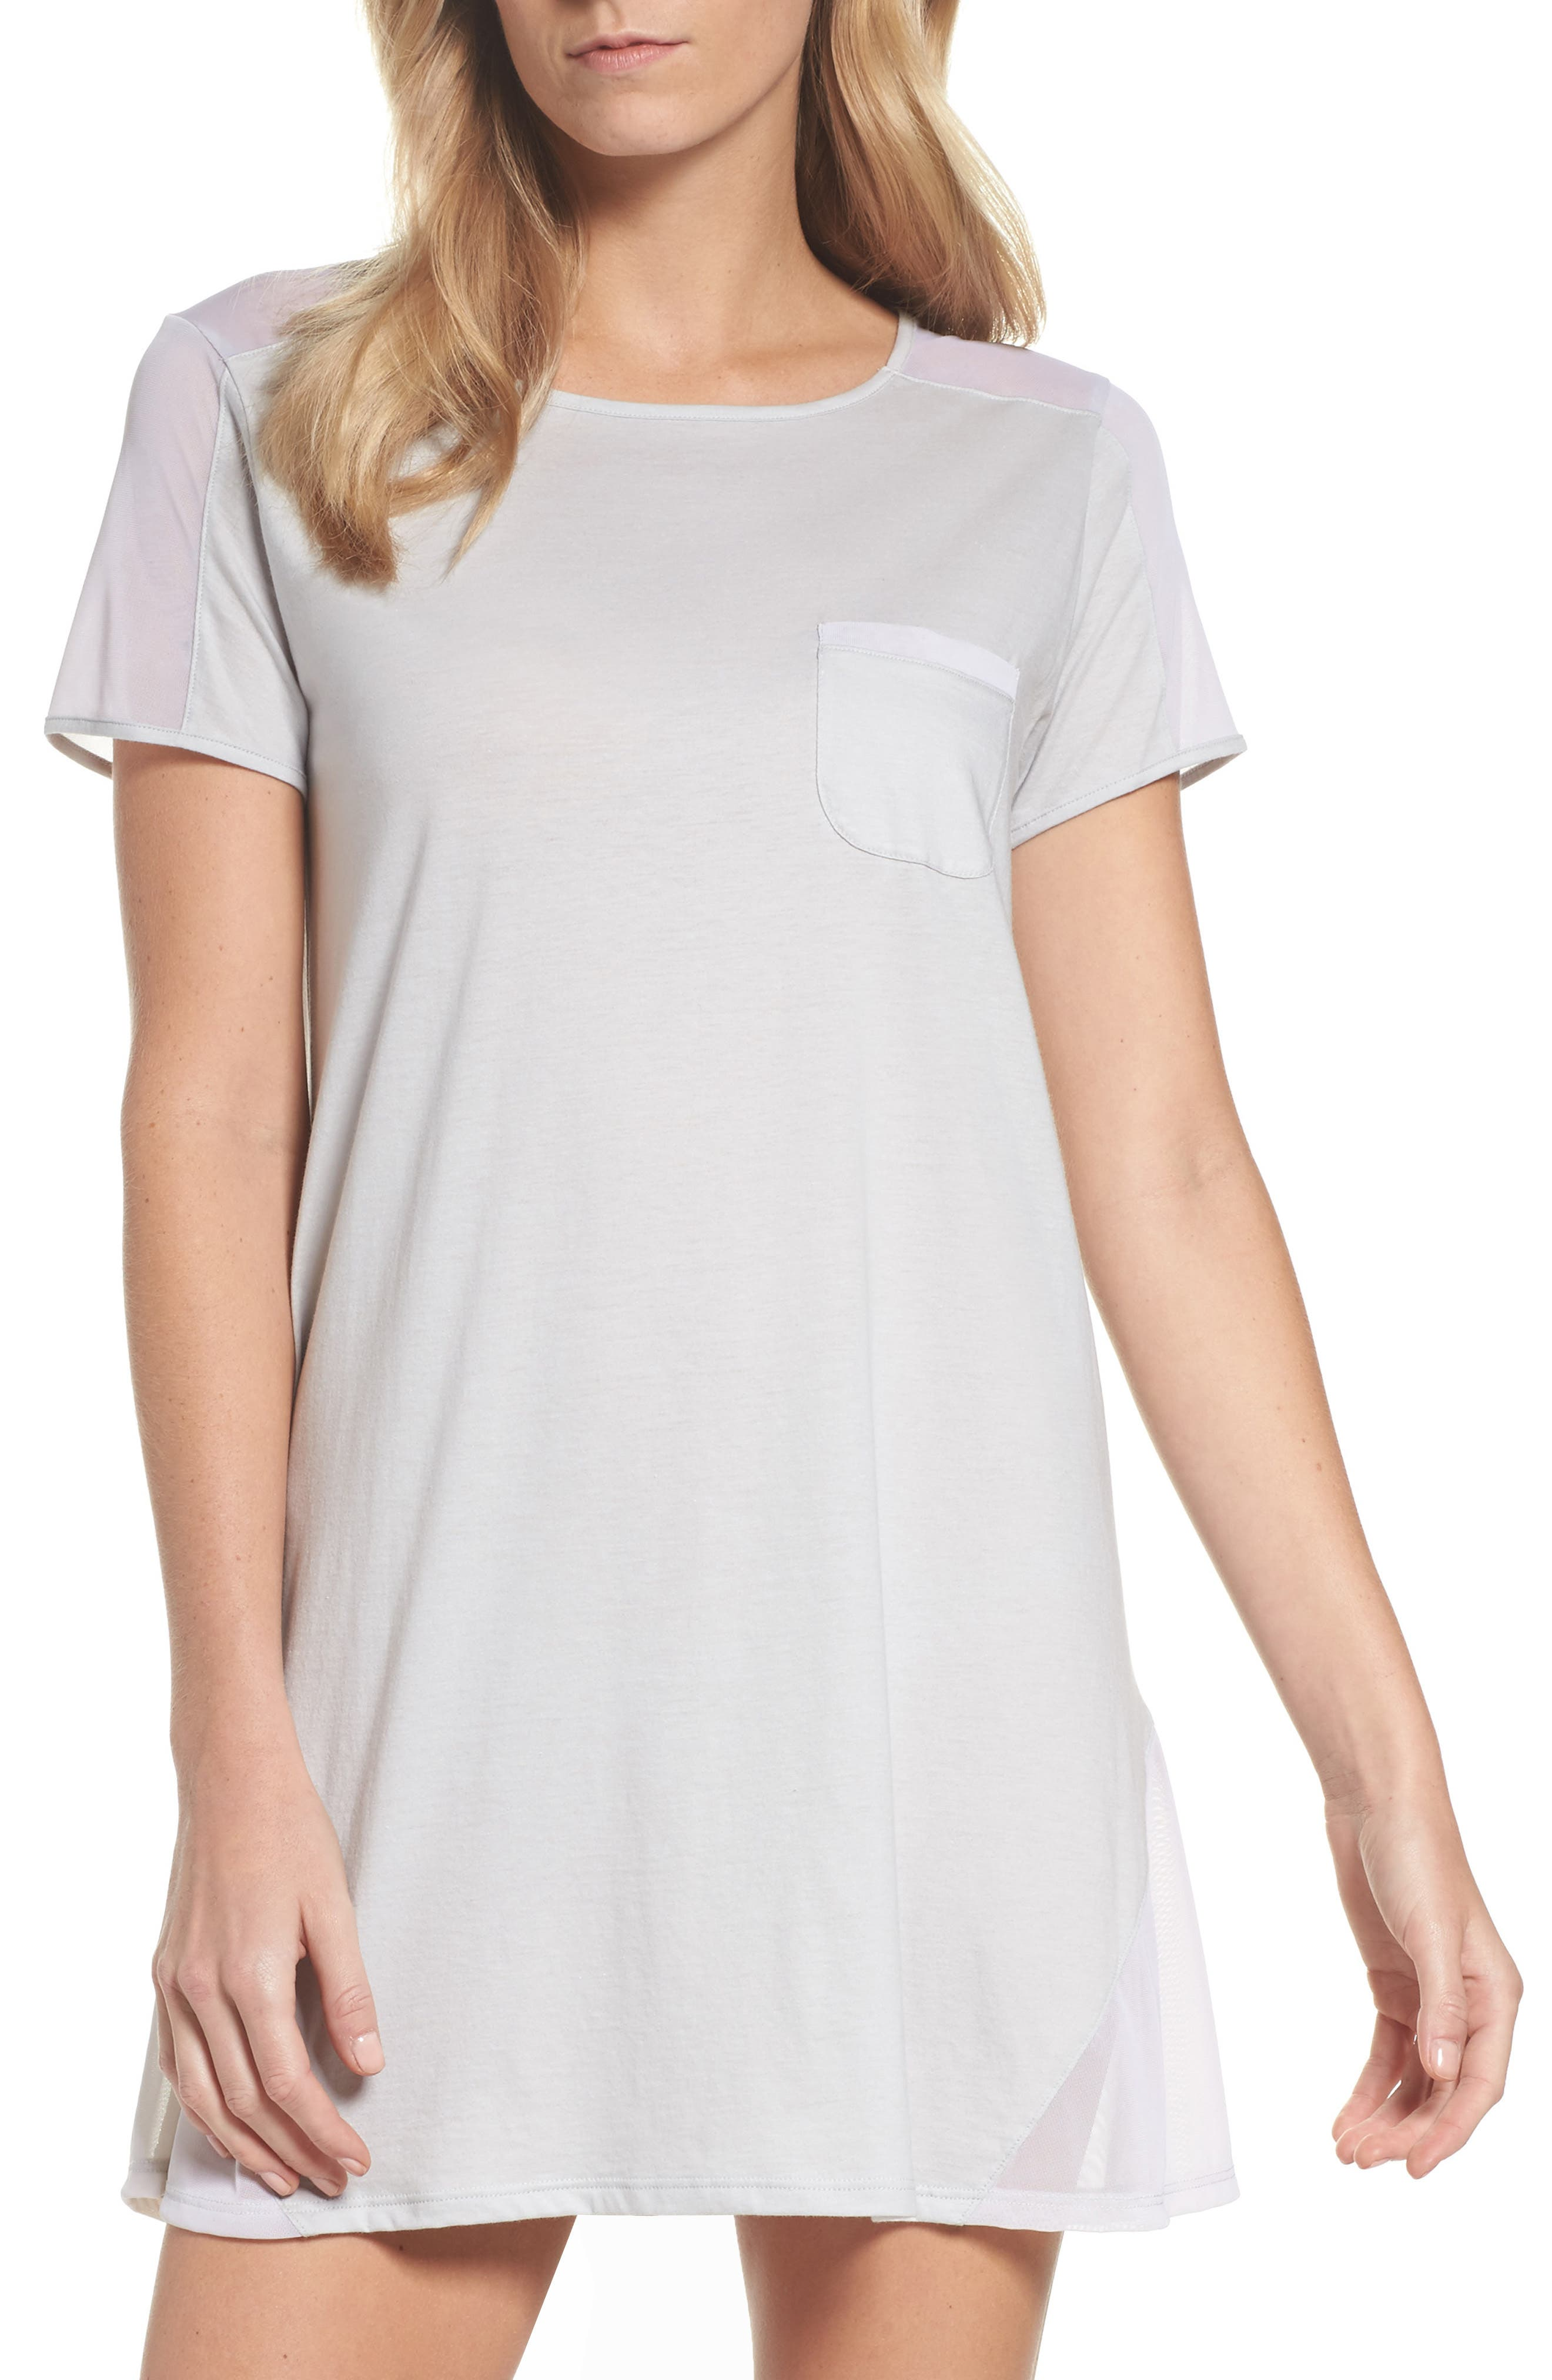 Naked Cotton Sleep Shirt